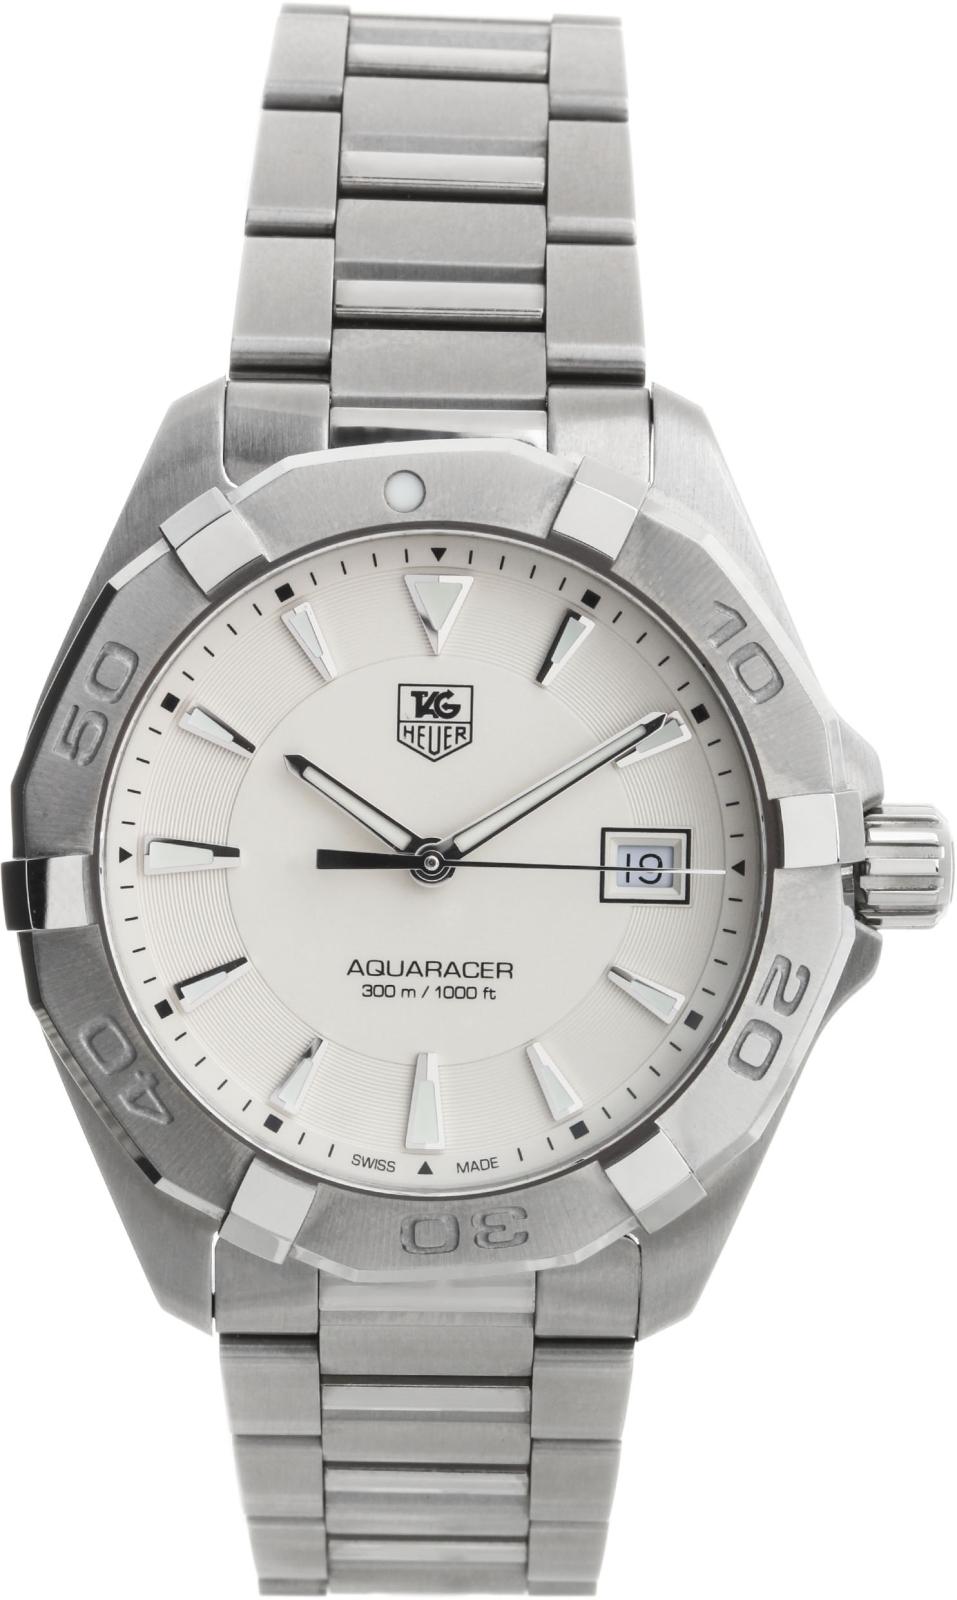 TAG Heuer Aquaracer WAY1111.BA0910Наручные часы<br>Швейцарские часы TAG Heuer Aquaracer WAY1111.BA0910<br><br>Для кого?: Мужские<br>Страна-производитель: Швейцария<br>Механизм: Кварцевый<br>Материал корпуса: Сталь<br>Материал ремня/браслета: Сталь<br>Водозащита, диапазон: 200 - 800 м<br>Стекло: Сапфировое<br>Толщина корпуса/: <br>Стиль: Классика